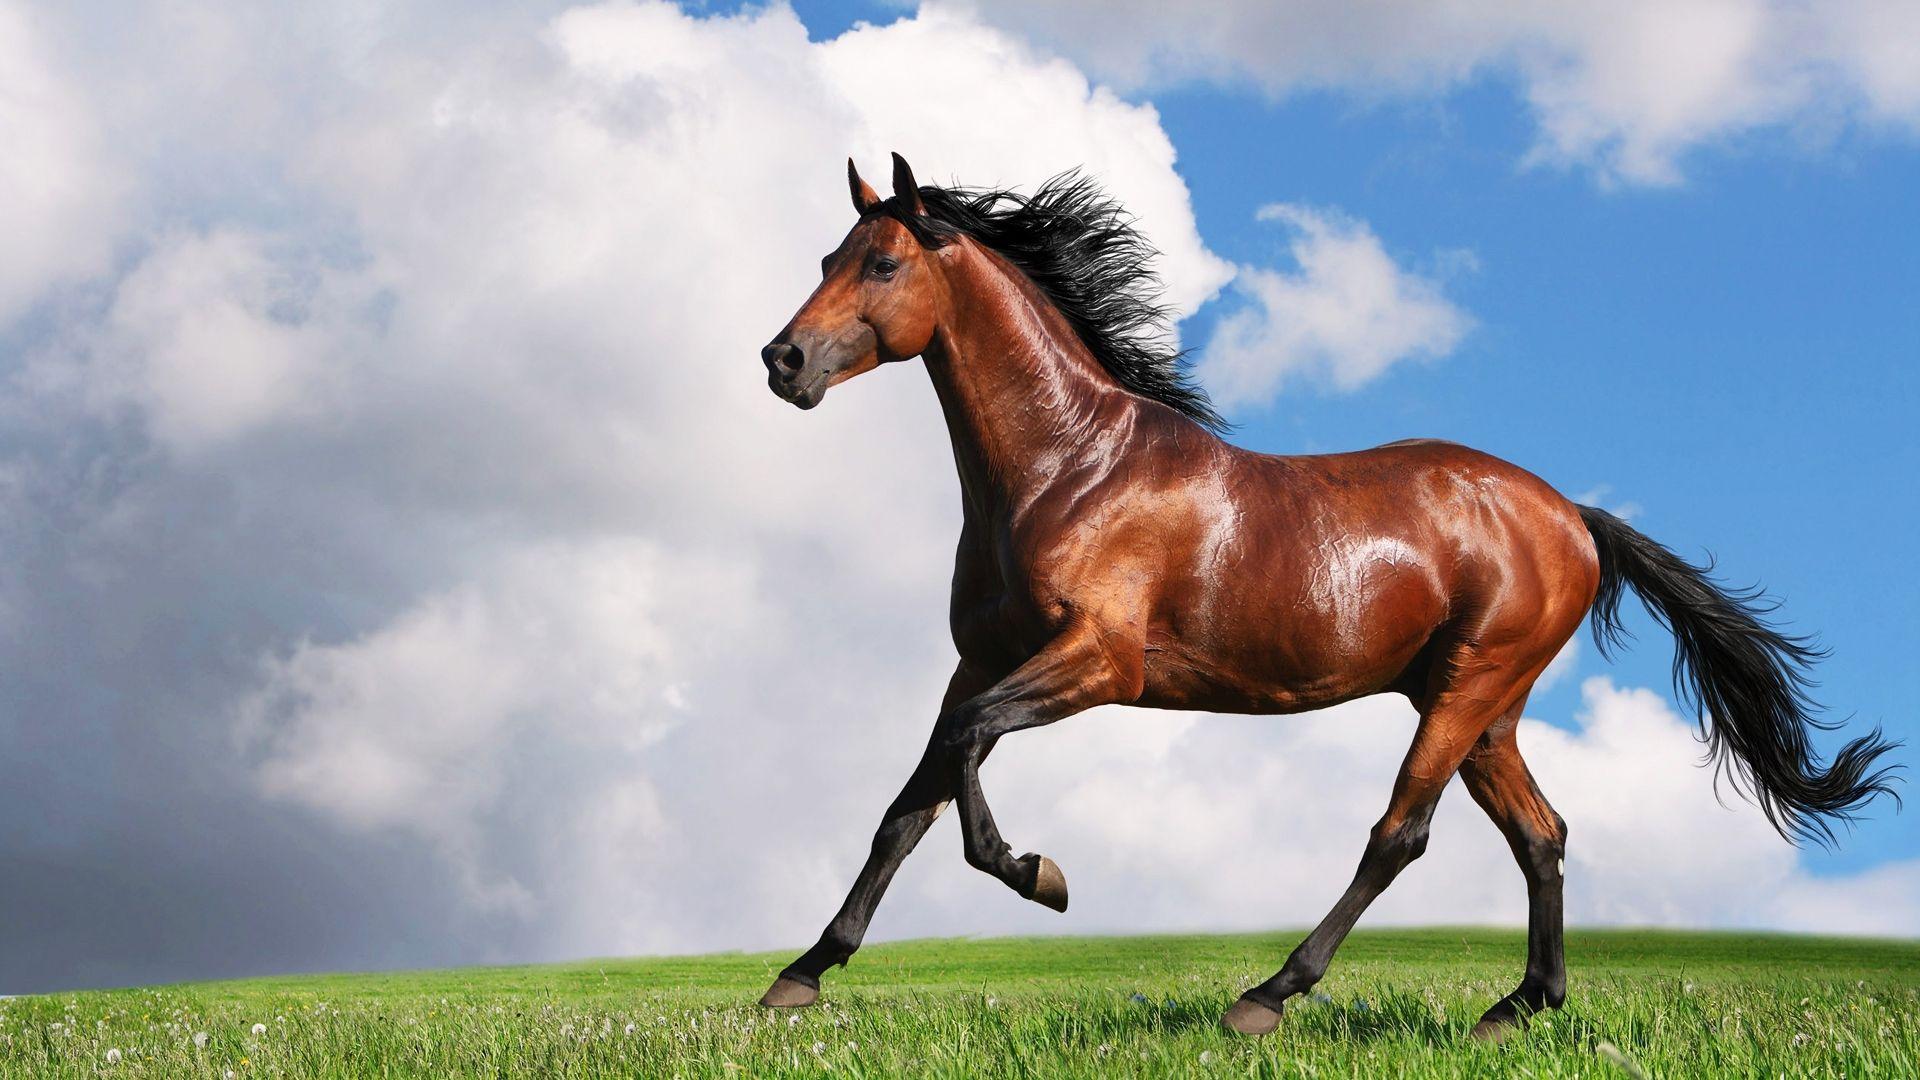 saturday to hunt horses - metalsucks | horses | pinterest | horse